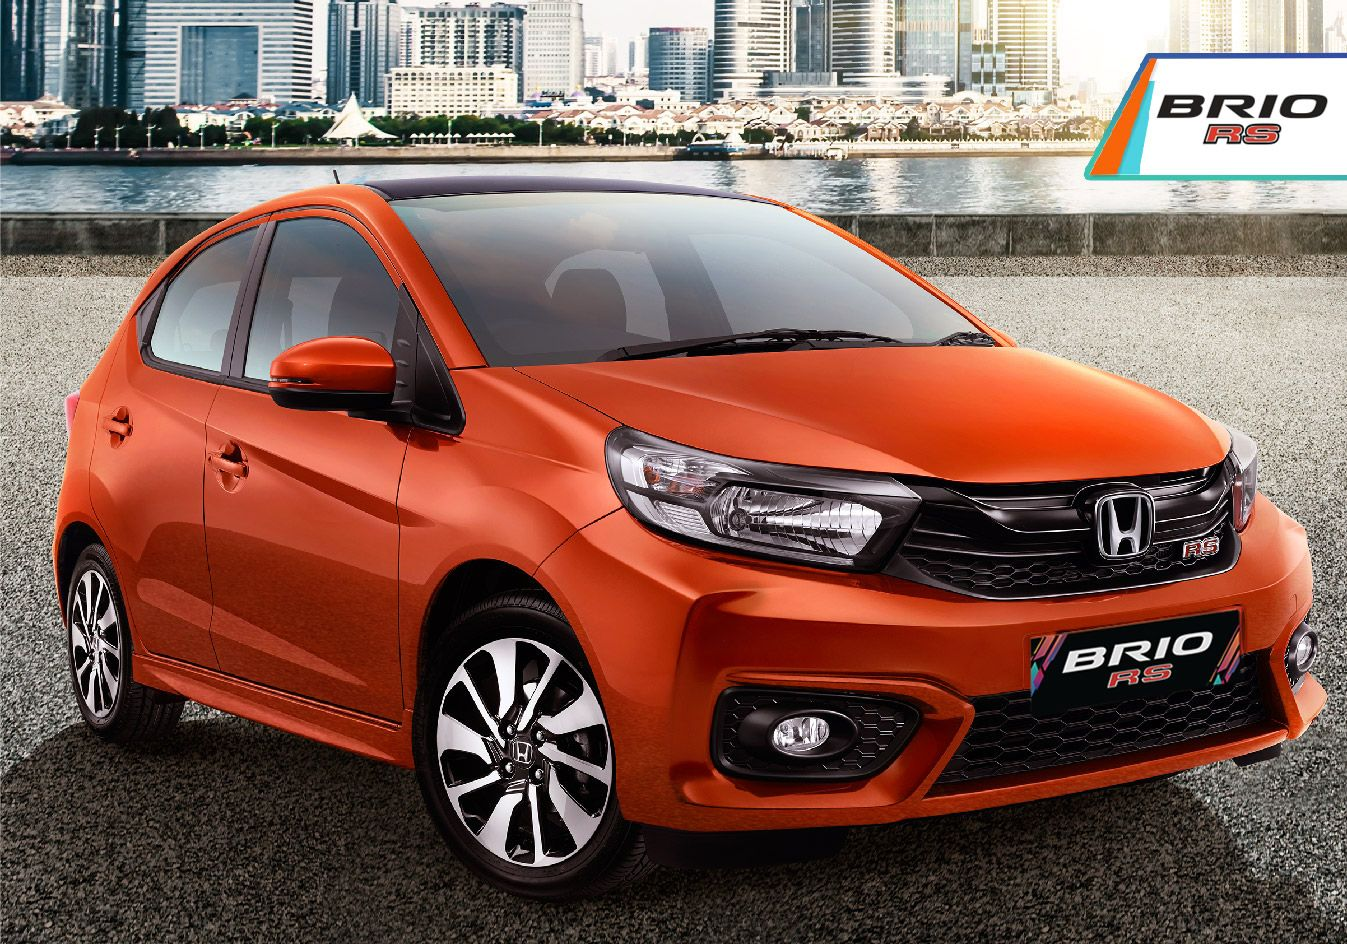 Kelebihan Harga Mobil Honda Brio Review